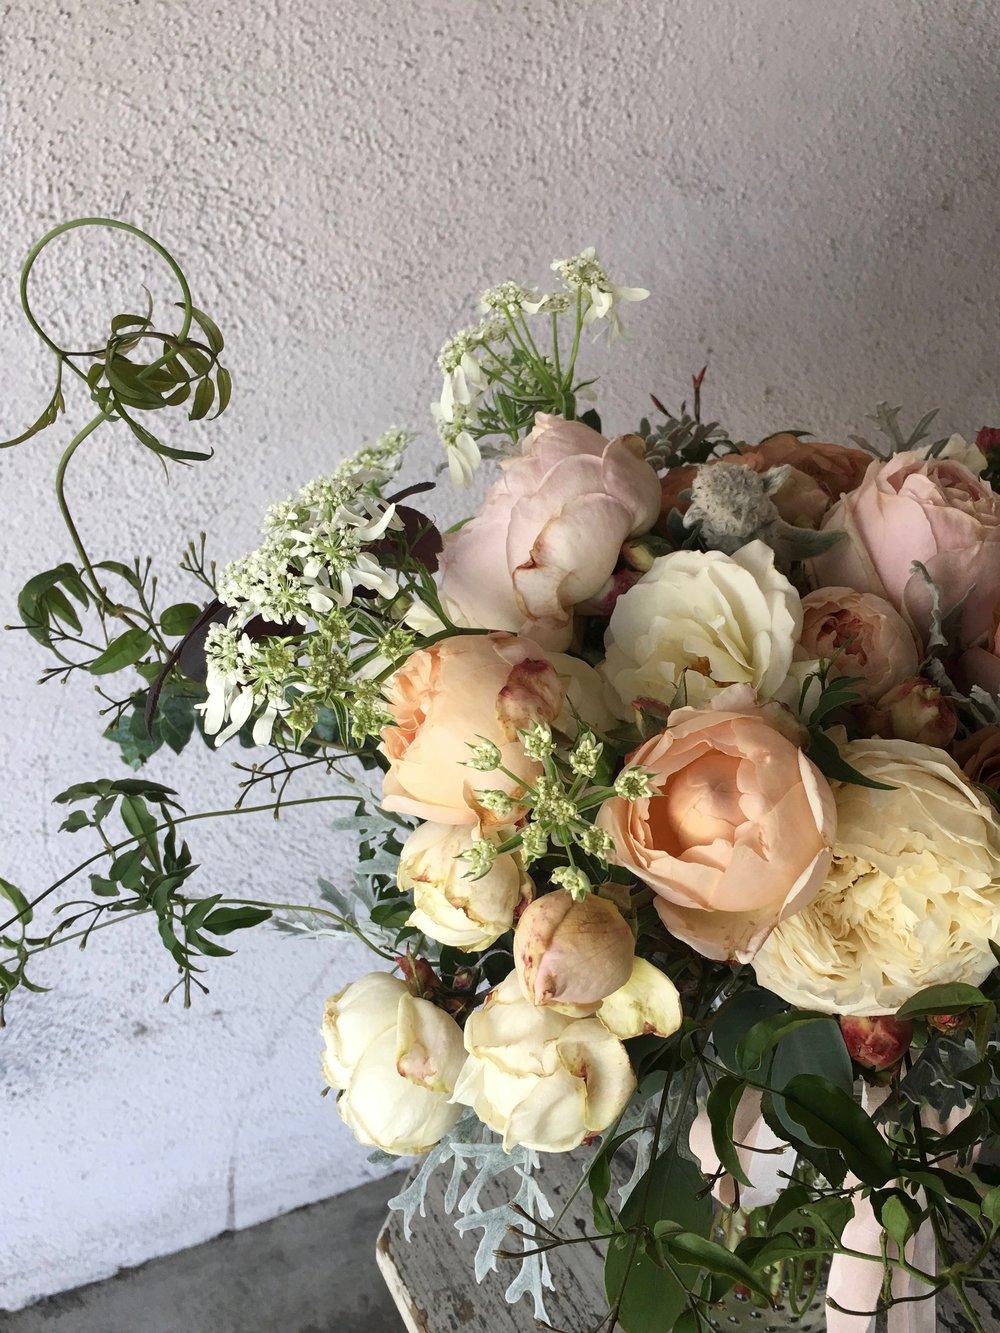 Giulia's Bouquet- Photo by Flores de Bosquez/Marisa Bosquez-White